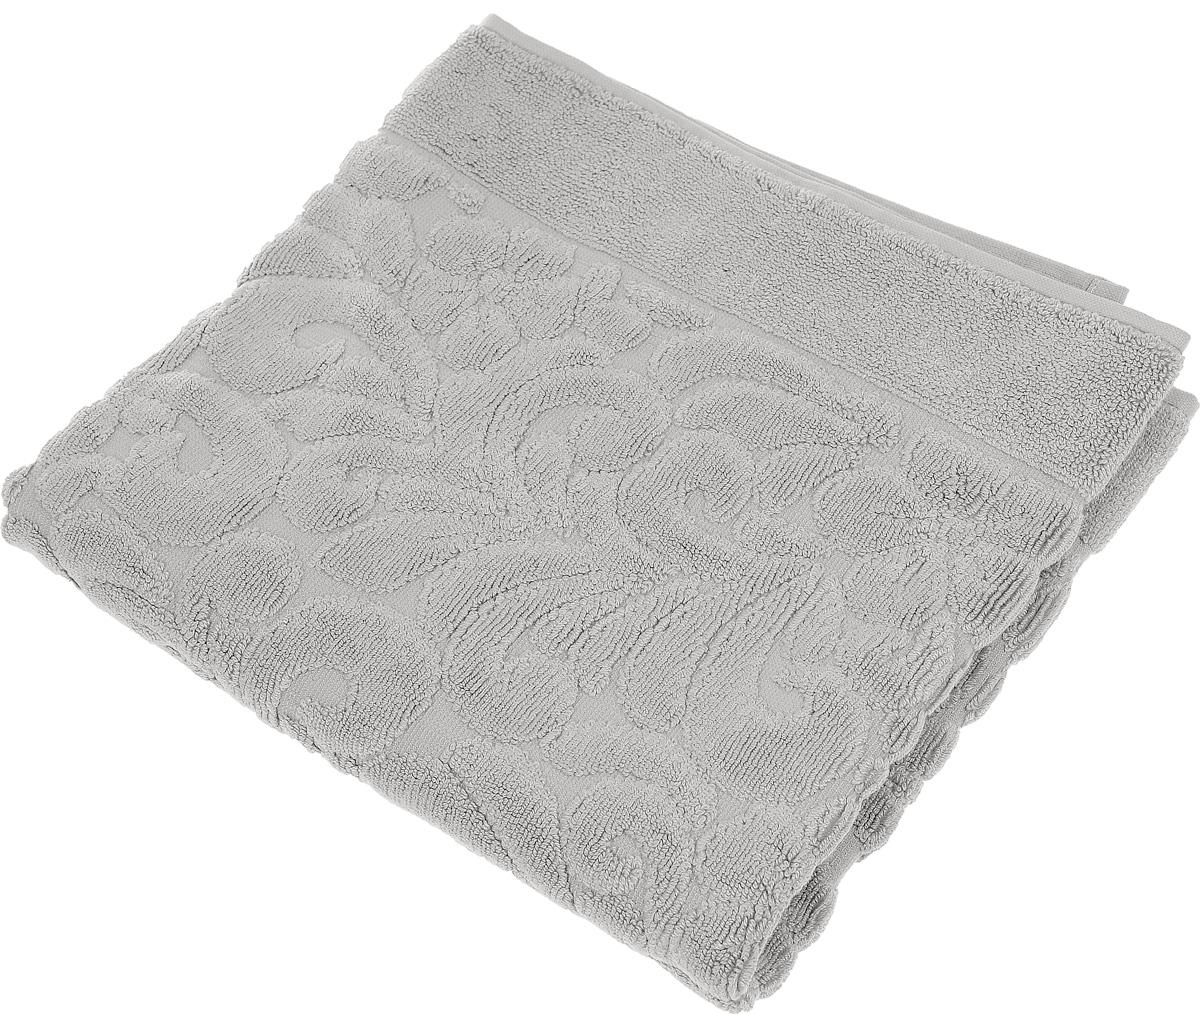 Коврик-полотенце для ванной Issimo Home Valencia, цвет: бежевый, 50 x 80 см4690Коврик-полотенце для ванной Issimo Home Valencia выполнен из высококачественного хлопка и бамбука. Такое изделие подарит вам массу положительных эмоций и приятных ощущений. Коврик отличается нежностью и мягкостью материала, утонченным дизайном и превосходным качеством. Он прекрасно впитывает влагу, быстро сохнет и не теряет своих свойств после многократных стирок.